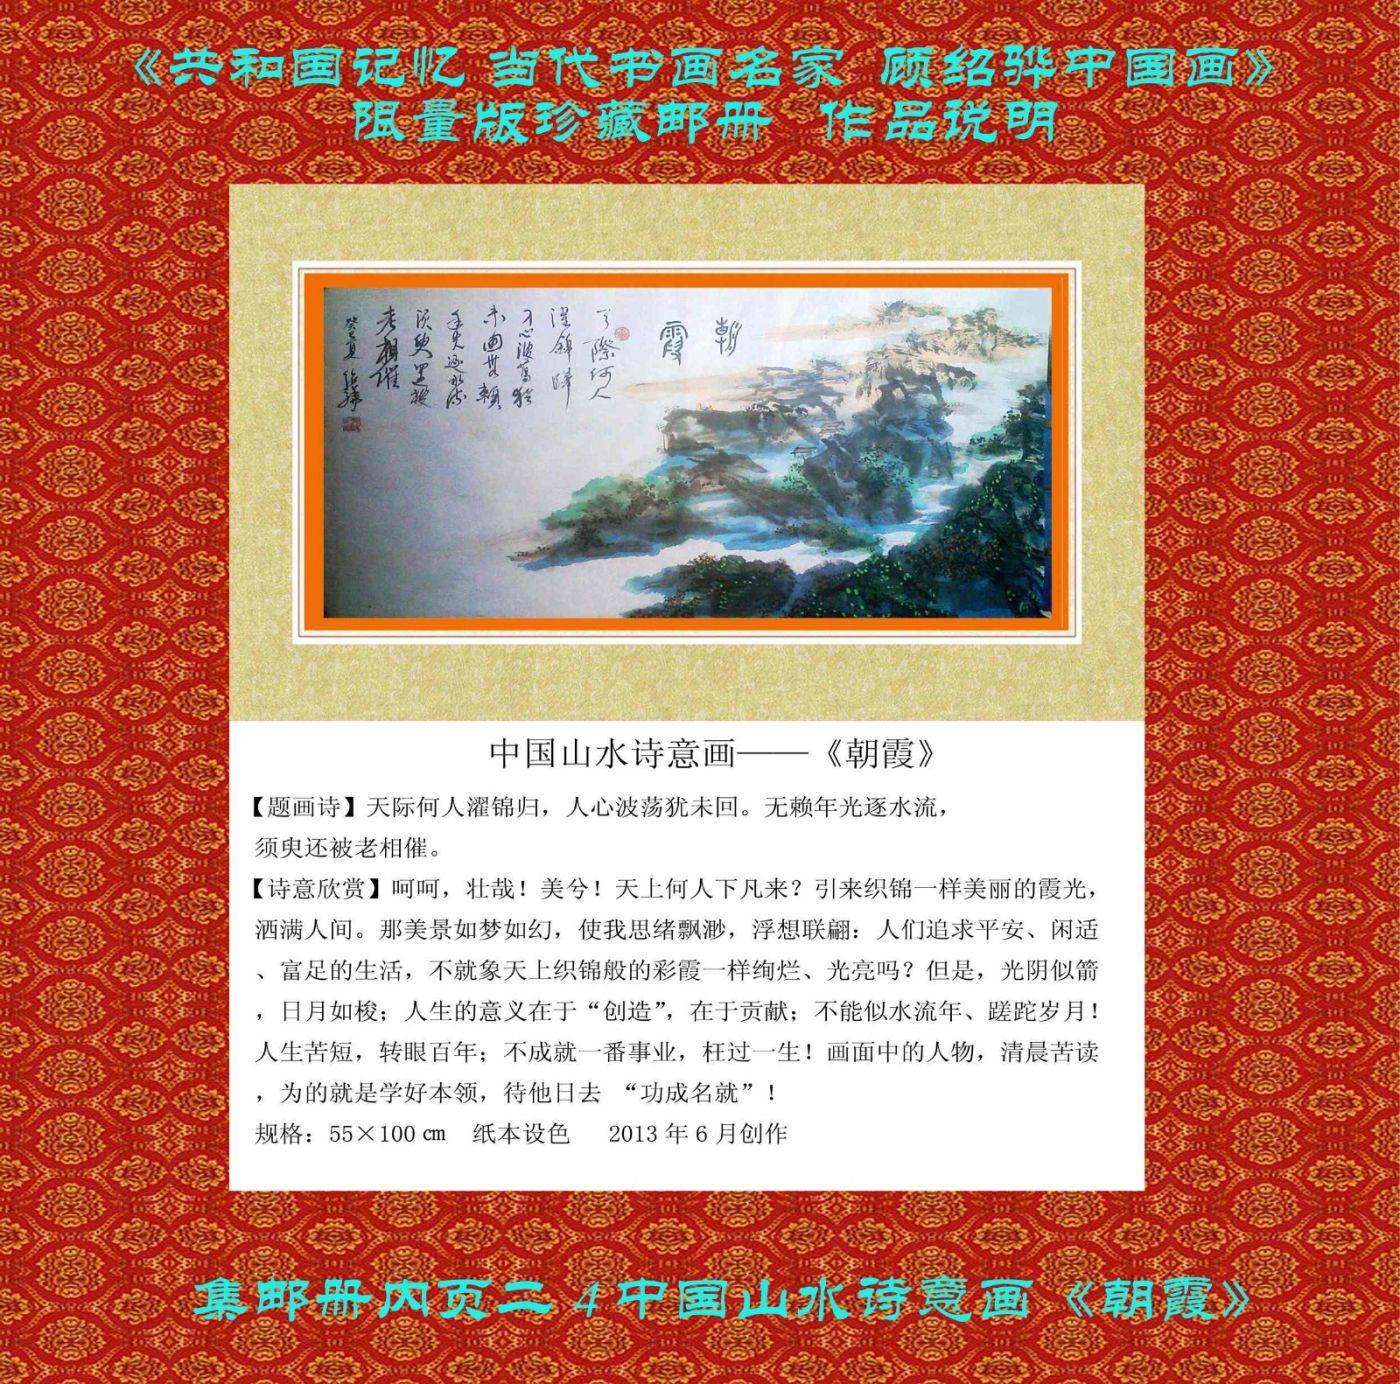 """""""顾绍骅的诗情画意""""入选《共和国记忆 ·中国书画艺术名家》限量版集邮珍藏册 ..._图1-7"""